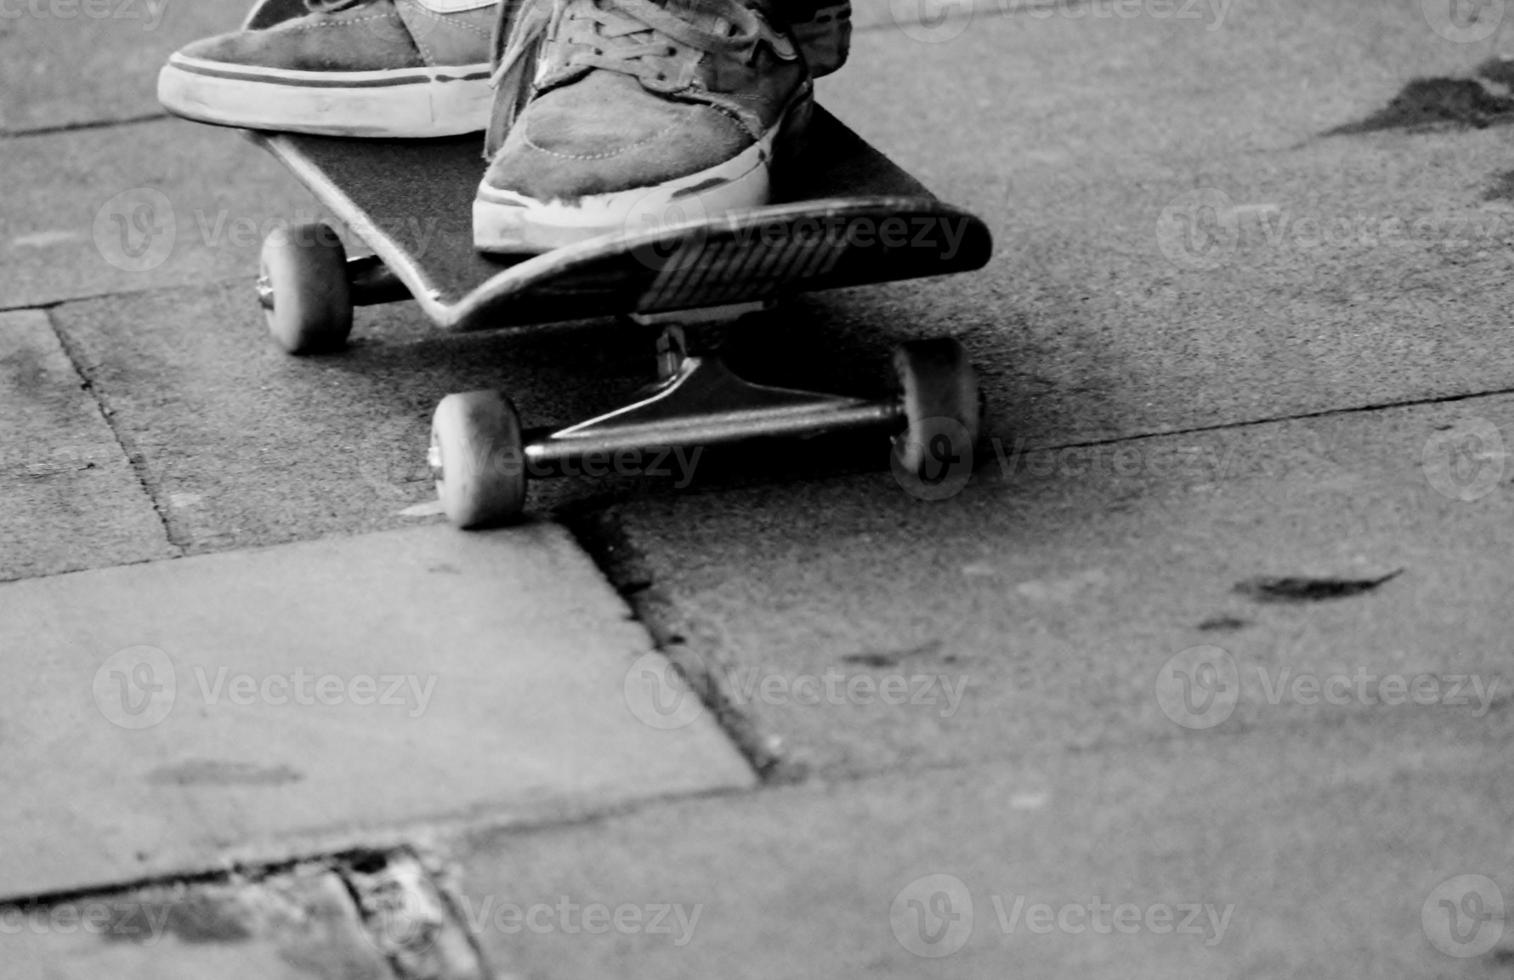 scarpe da ginnastica grungy e skateboard foto